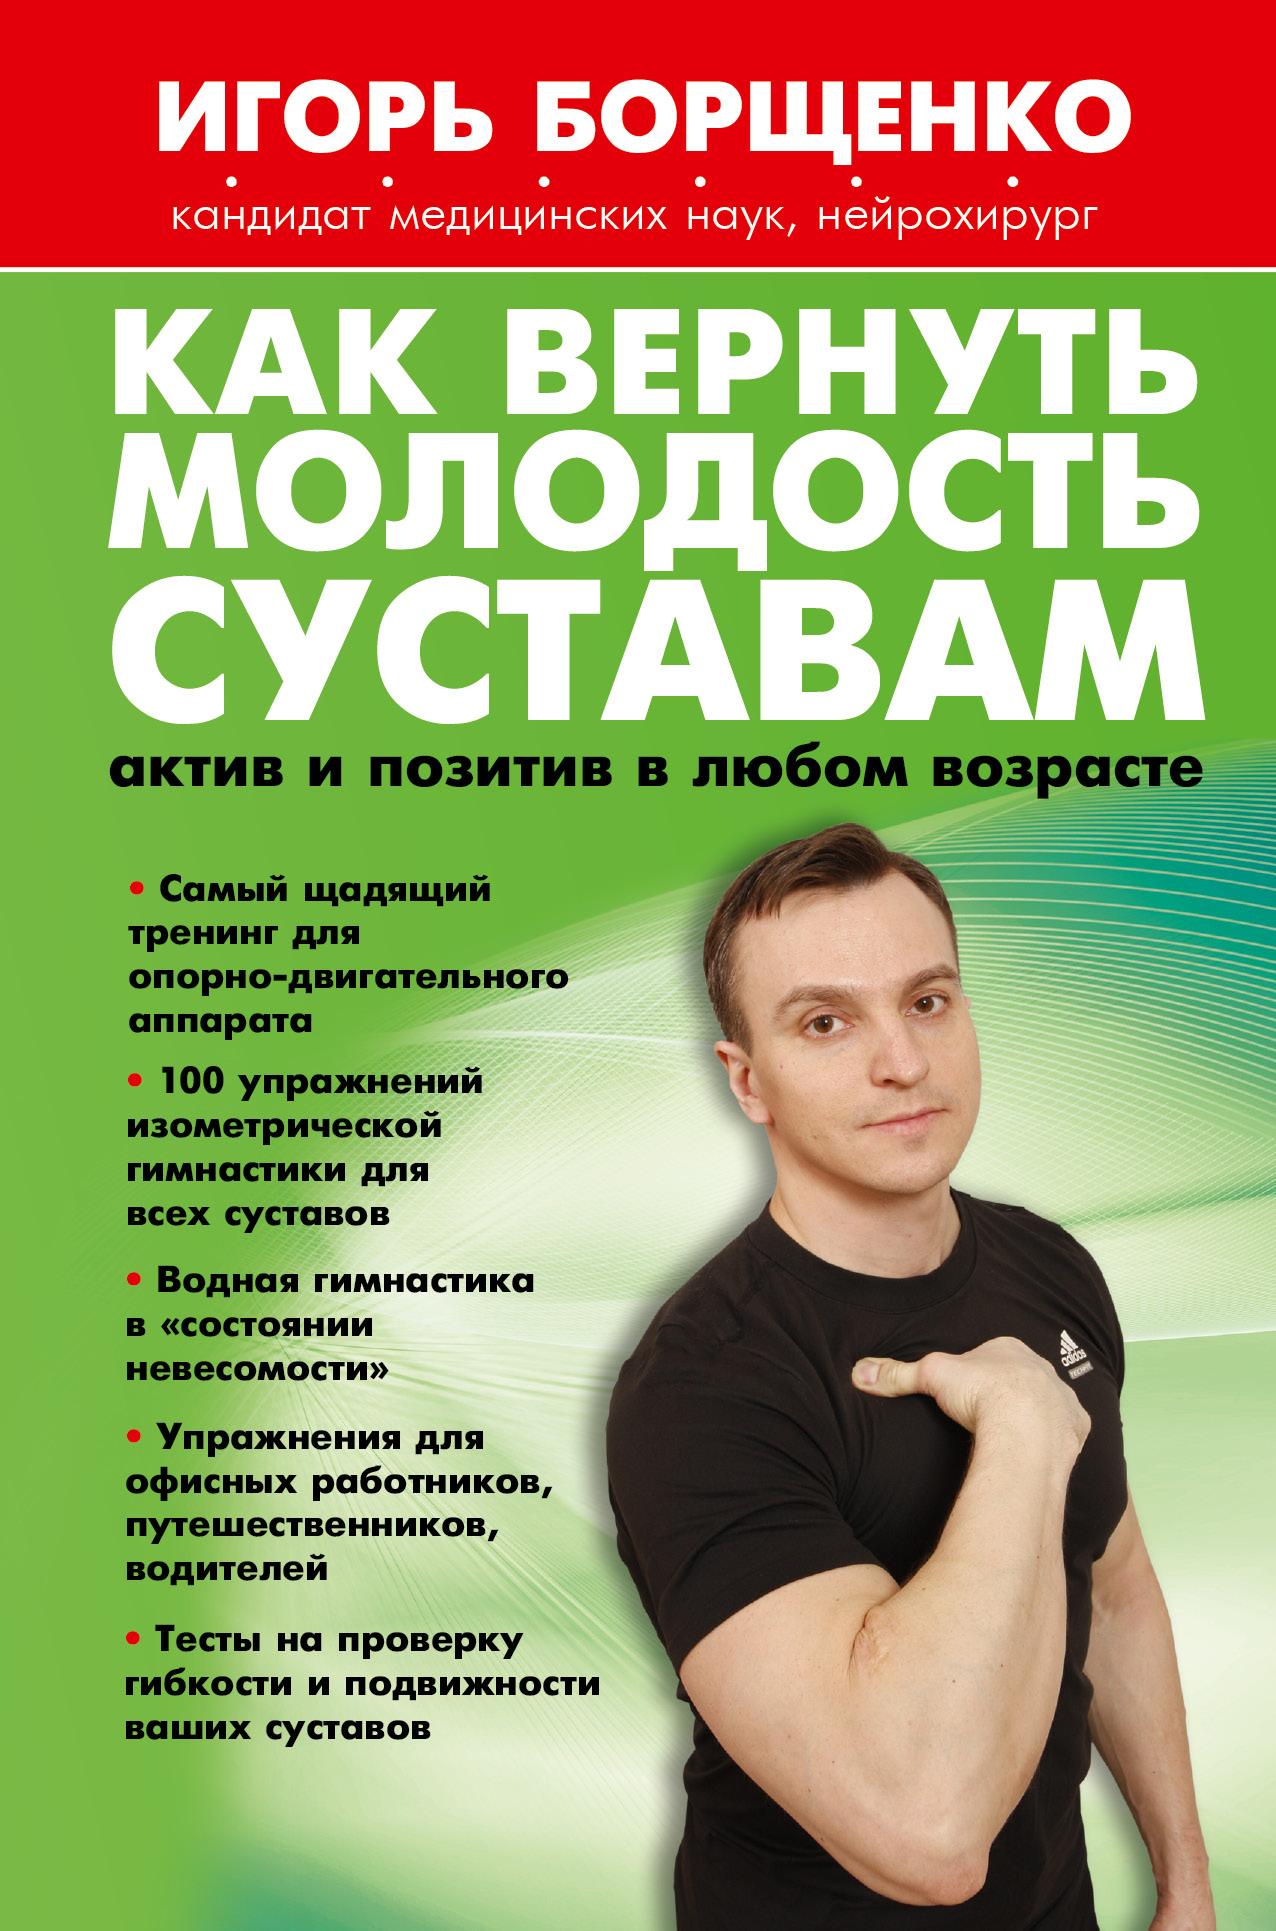 Борщенко И.А. Как вернуть молодость суставам: актив и позитив в любом возрасте